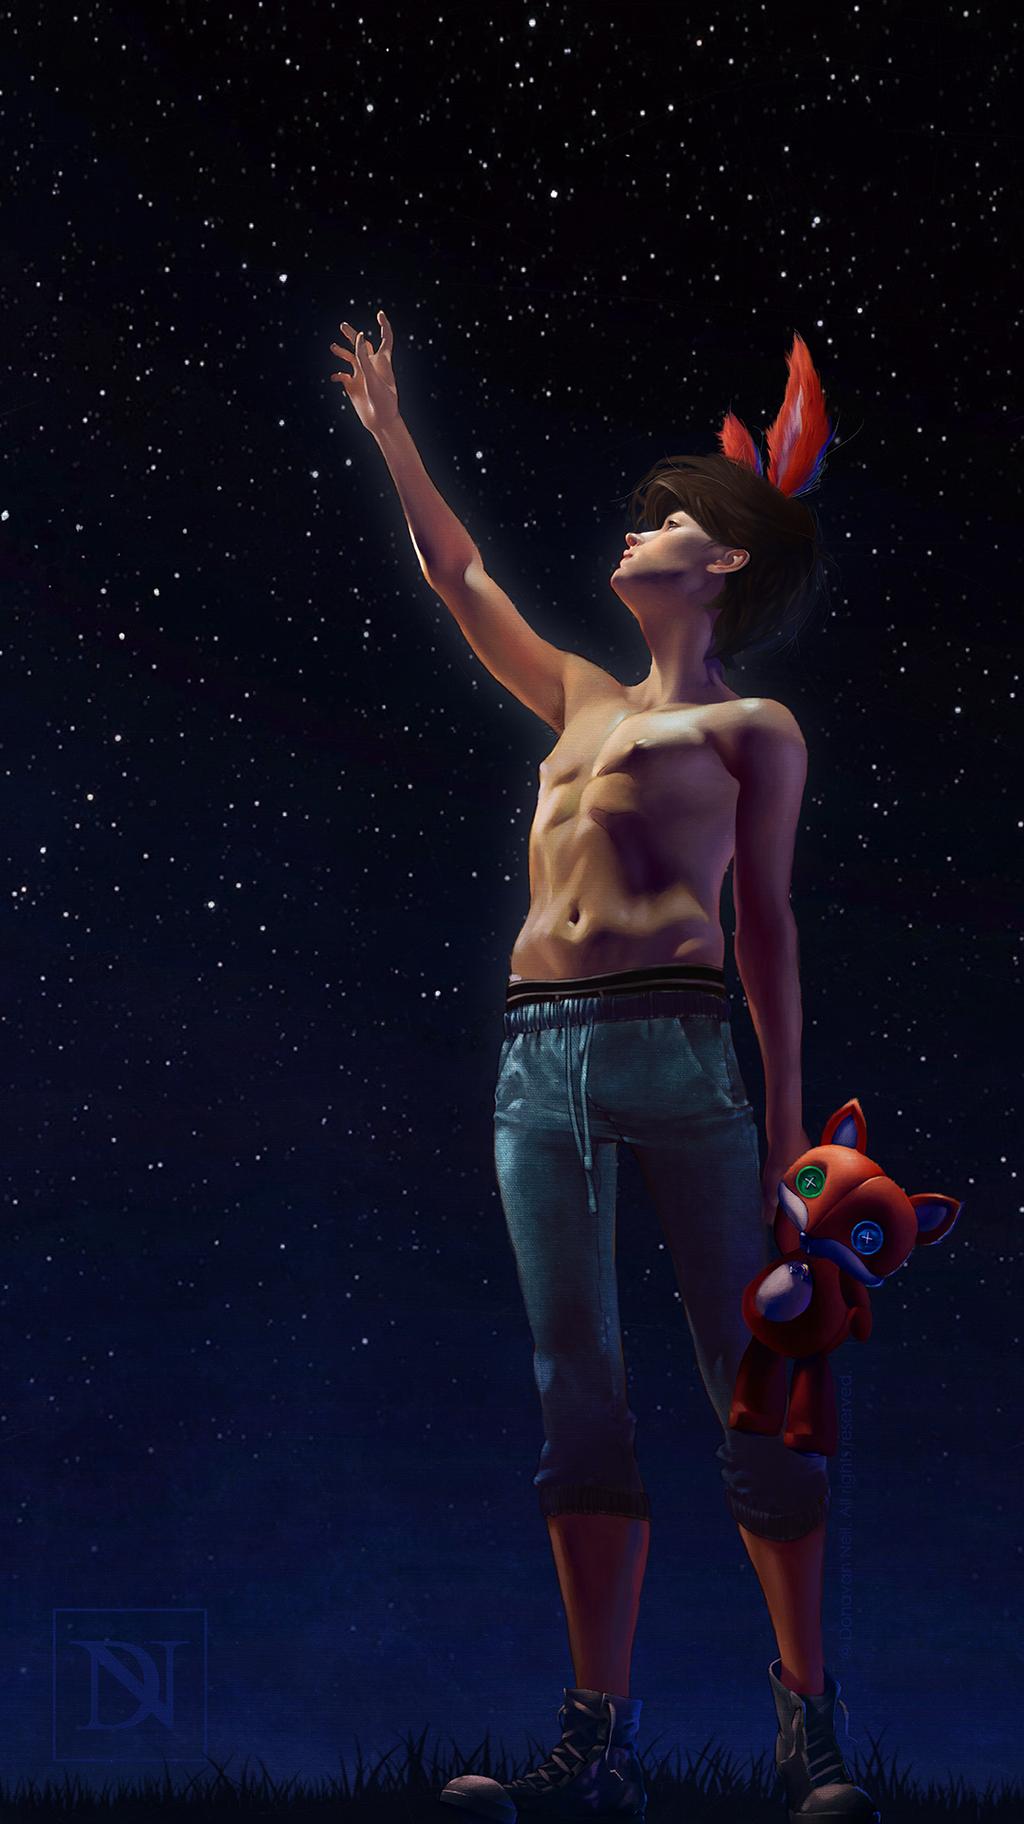 Stargazer by donavanneil